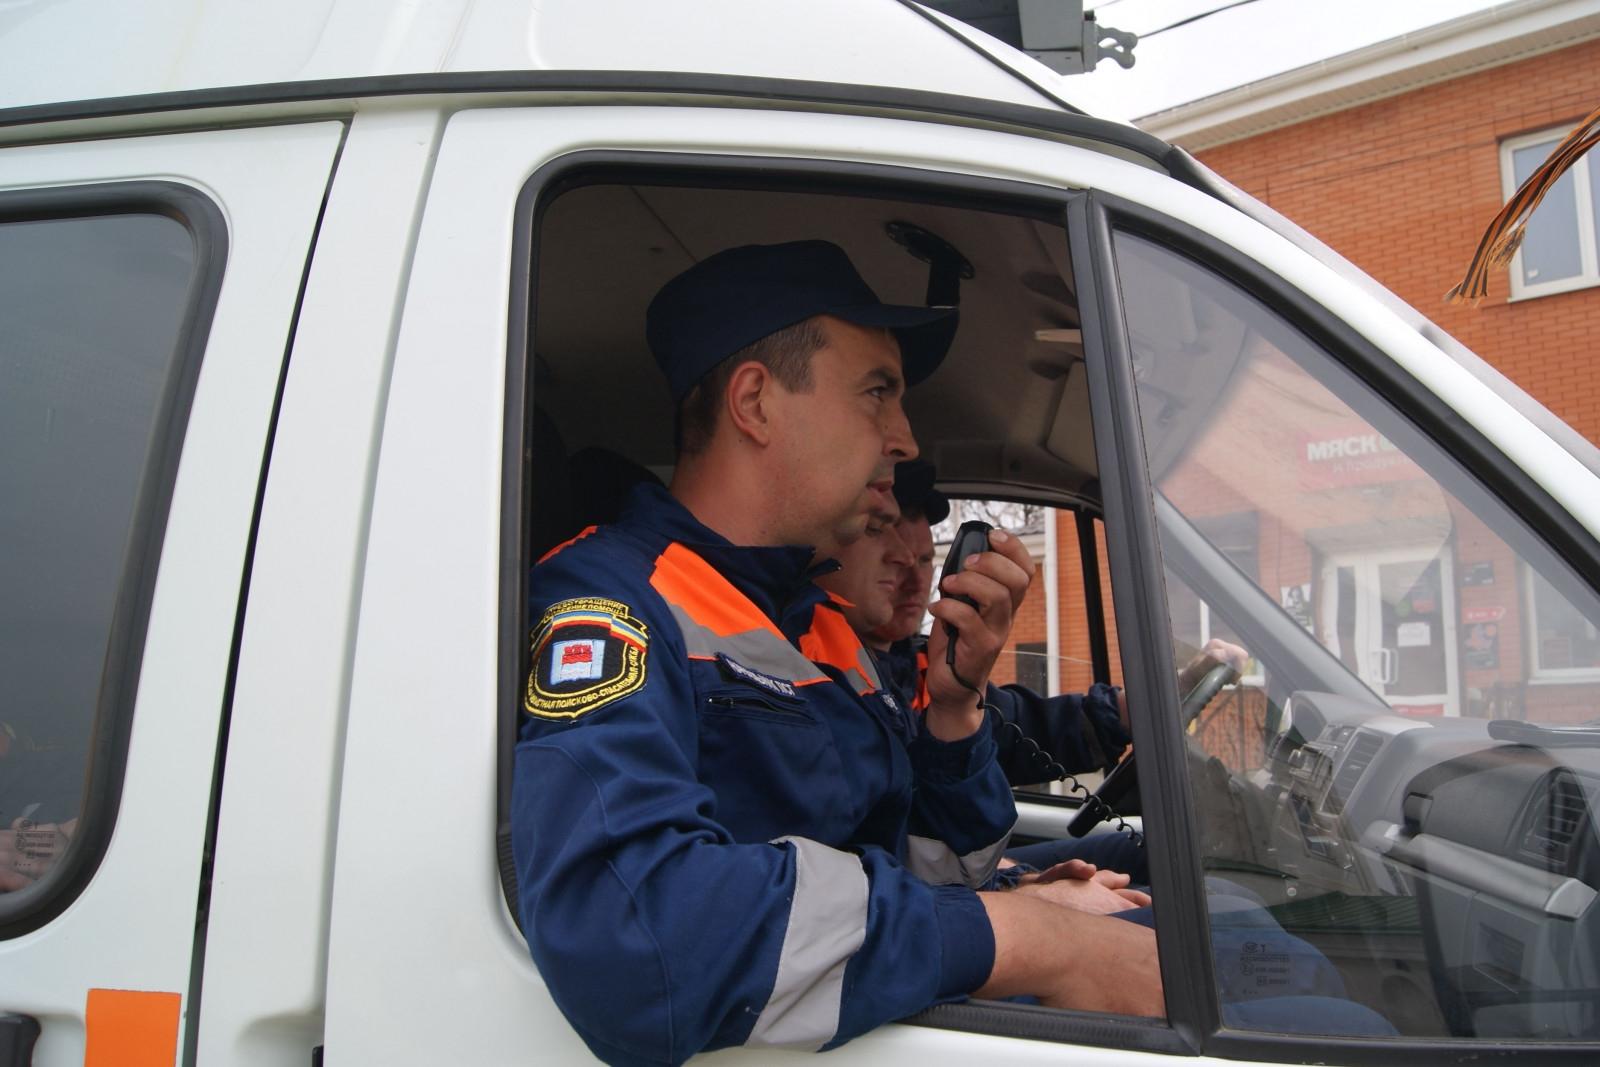 Областные спасатели просят жителей региона соблюдать осторожность в связи с непогодой